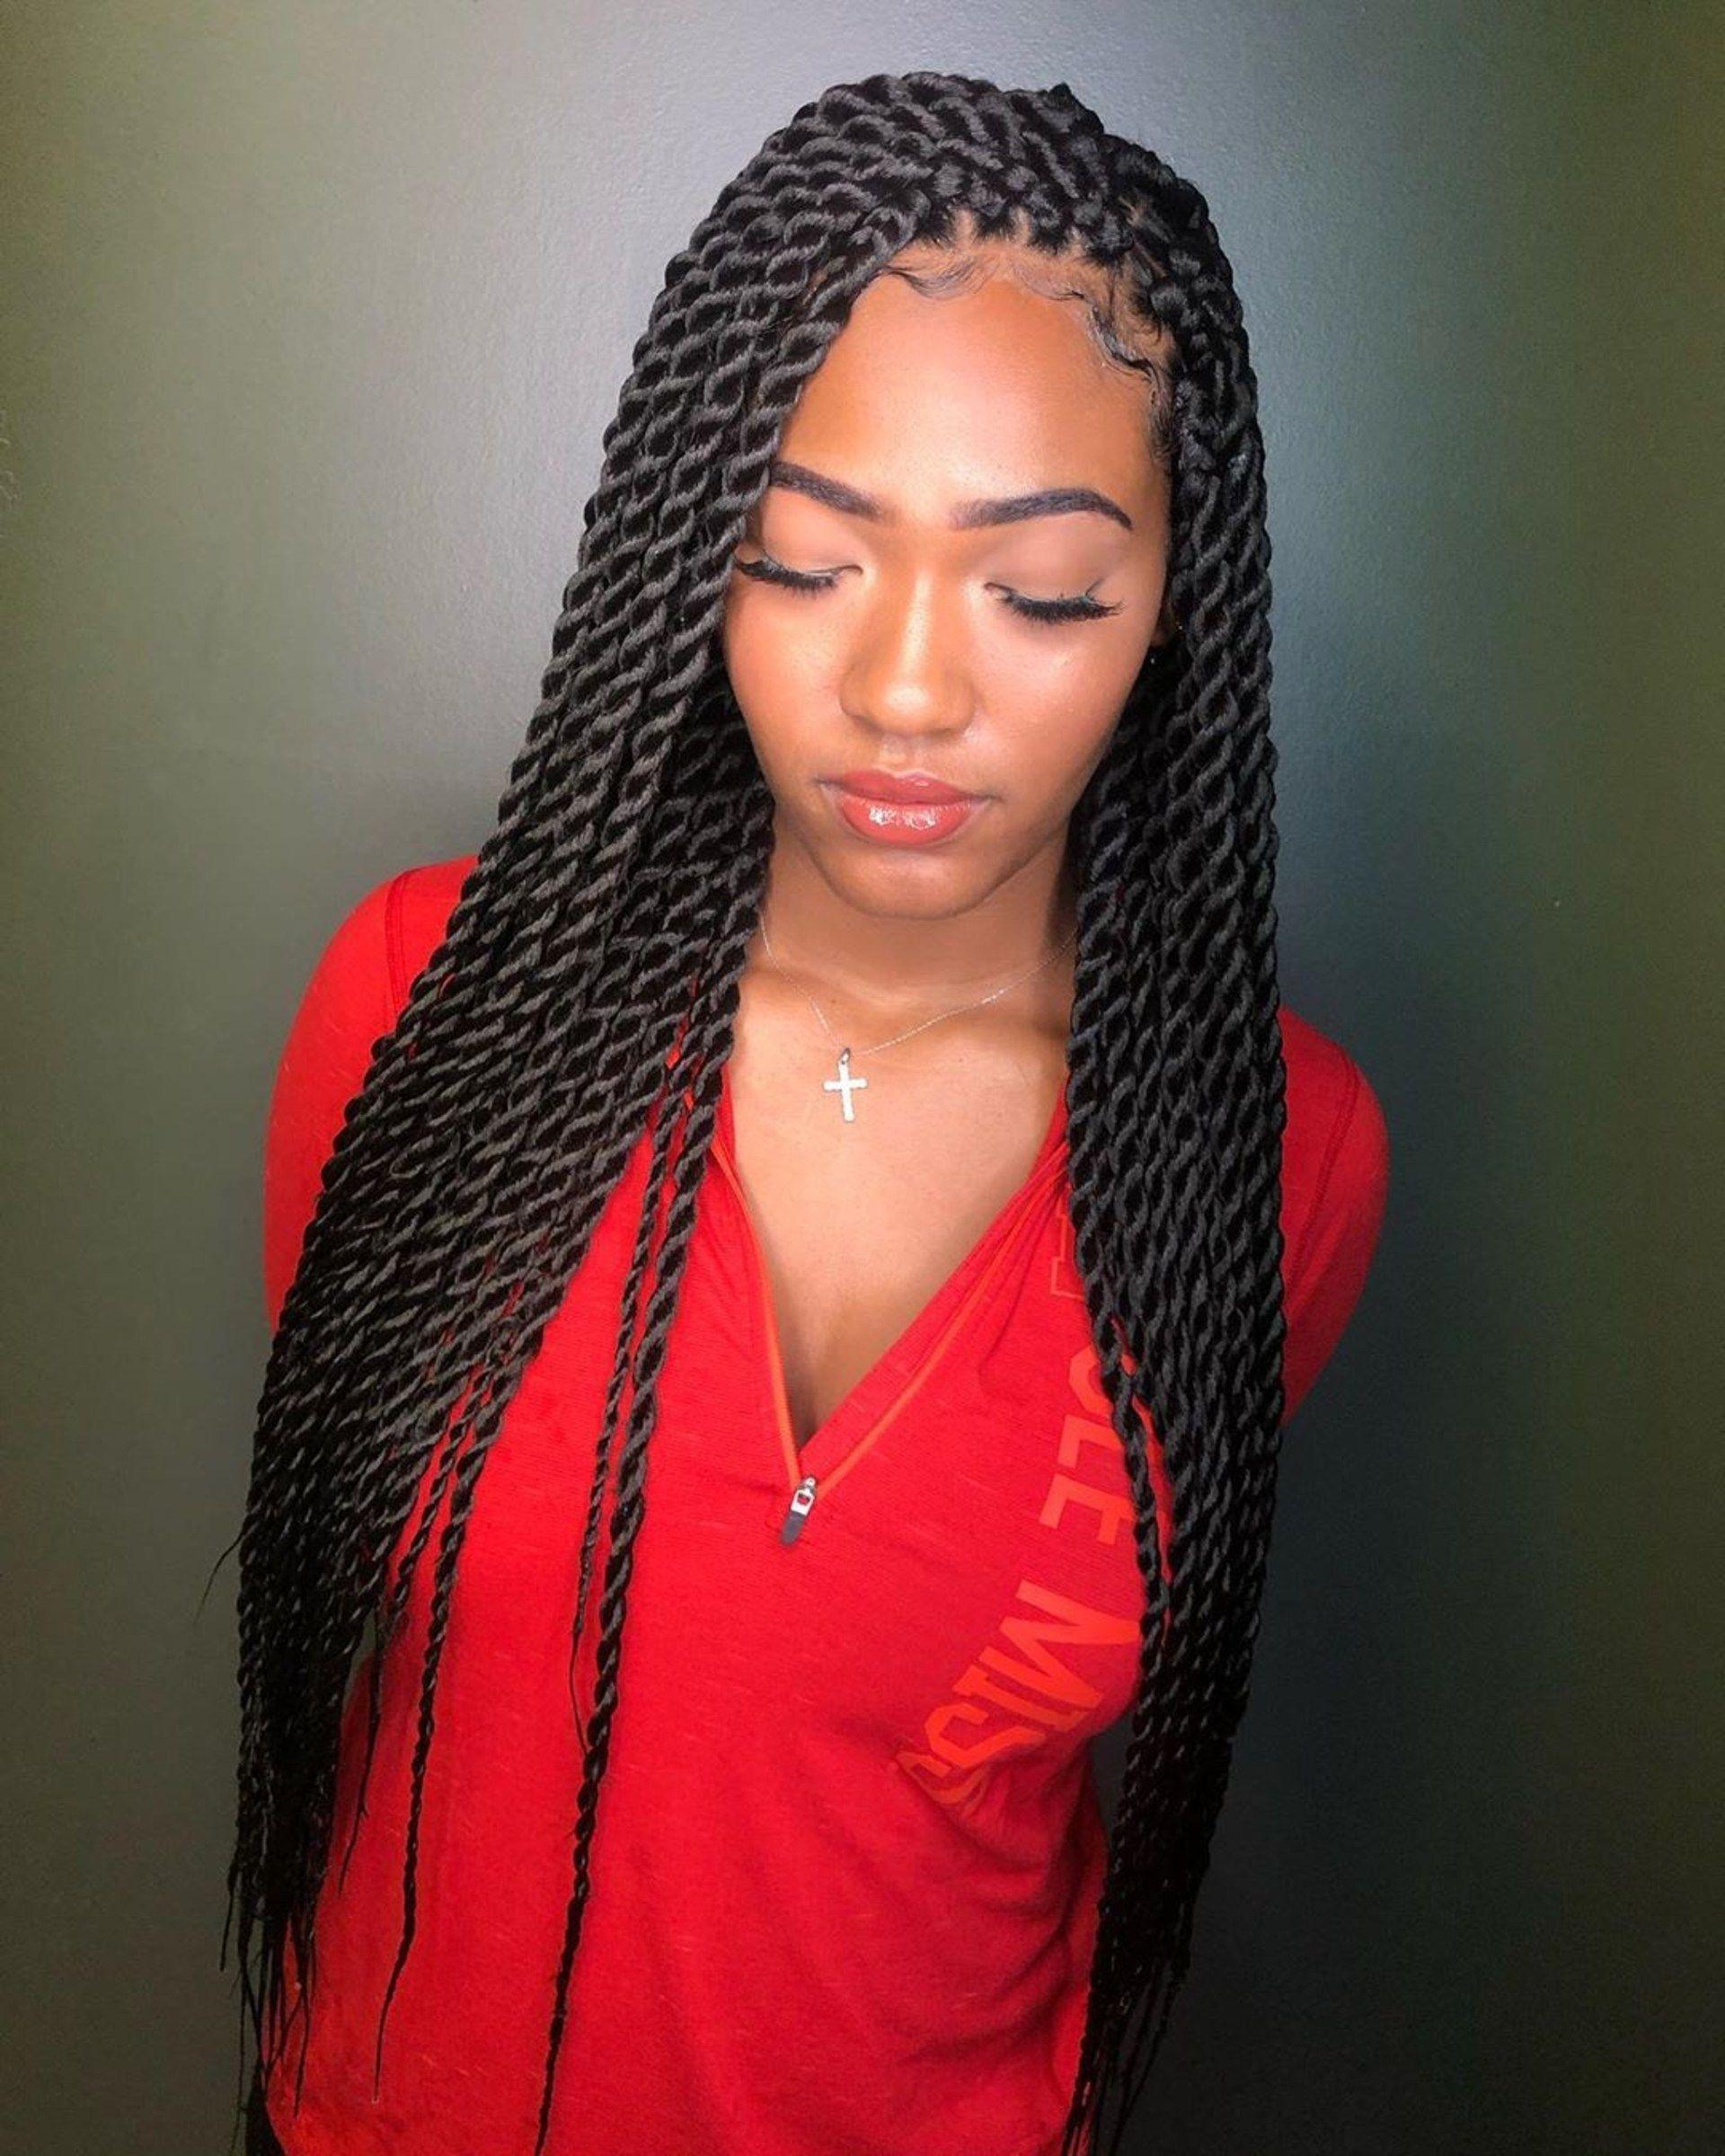 100 Best Havana Twist Braids Hairstyles 2020 For Black Women